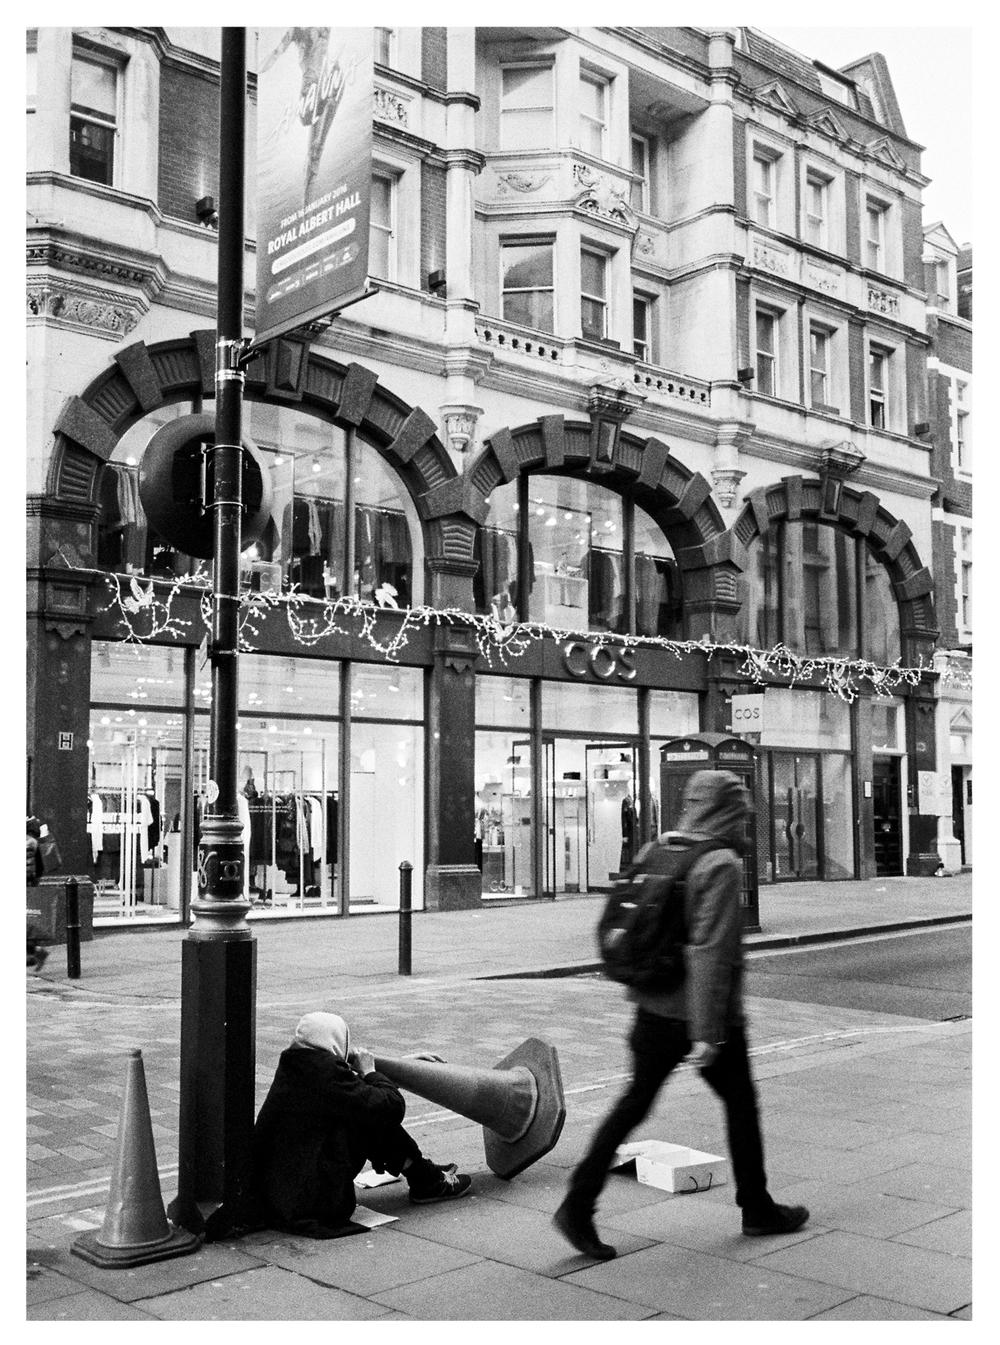 London_by_Brancoprata11.jpg